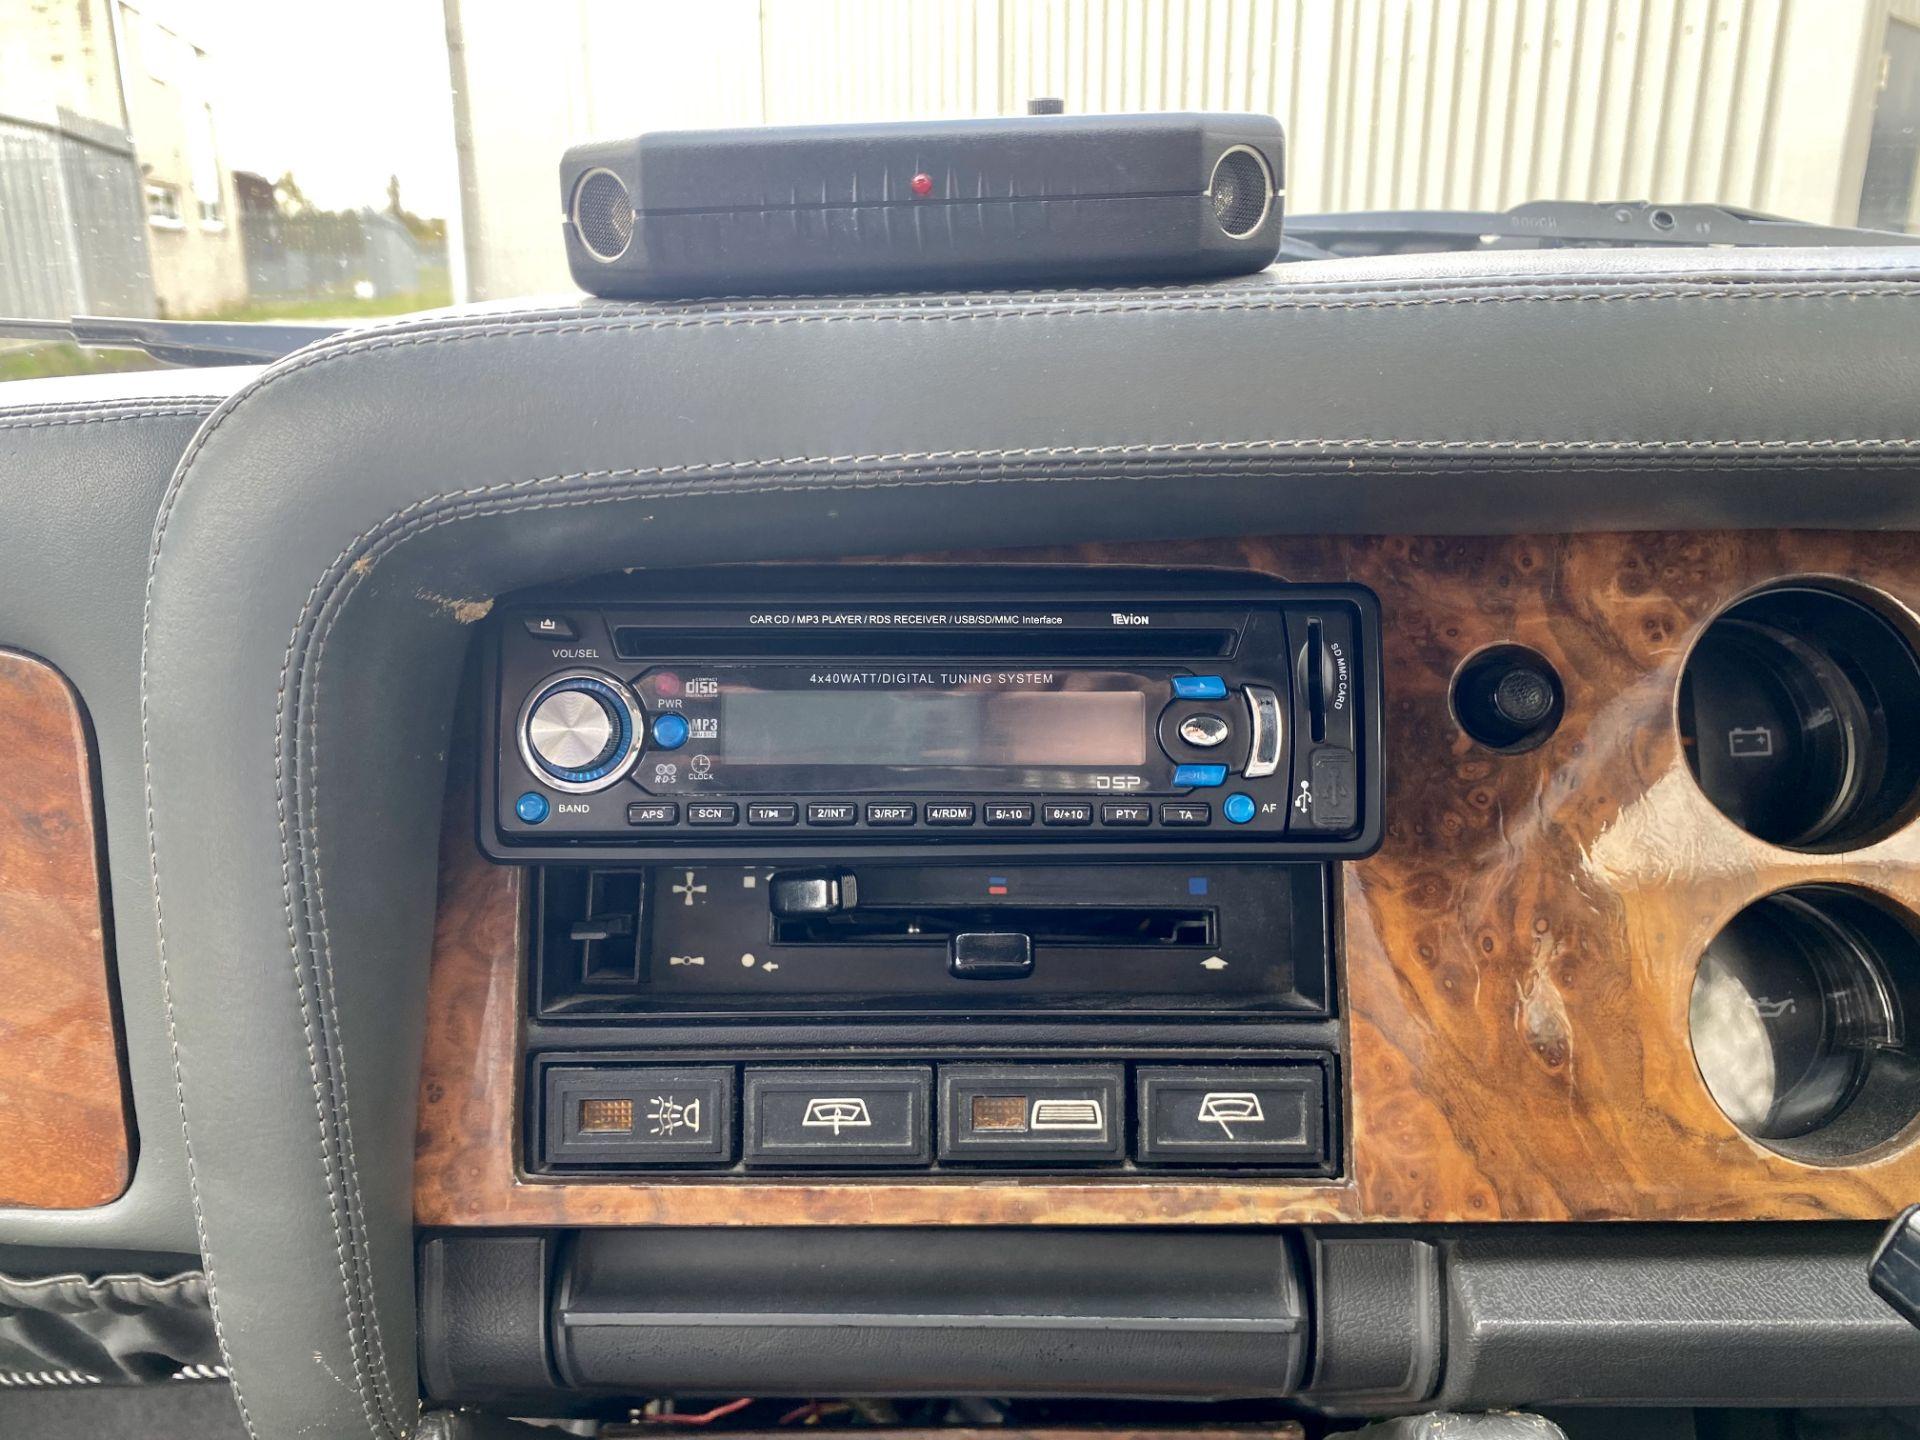 Ford Capri Tickford Turbo - Image 53 of 62